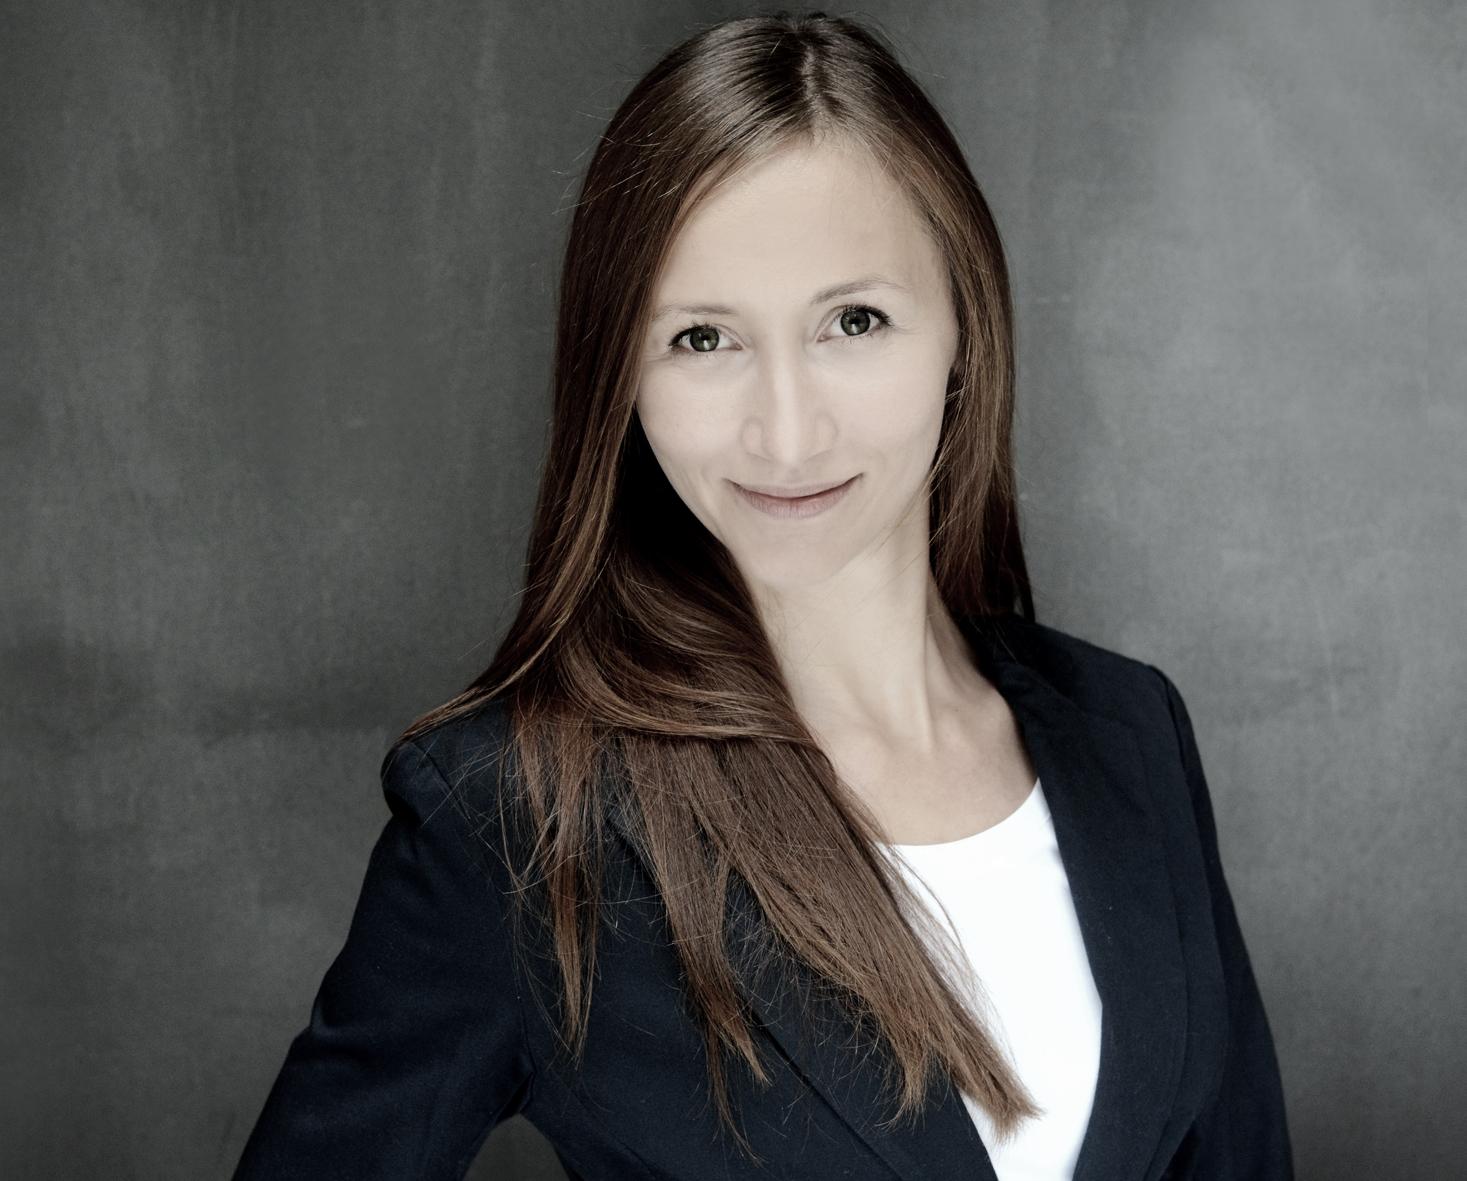 Claudia Kollaender